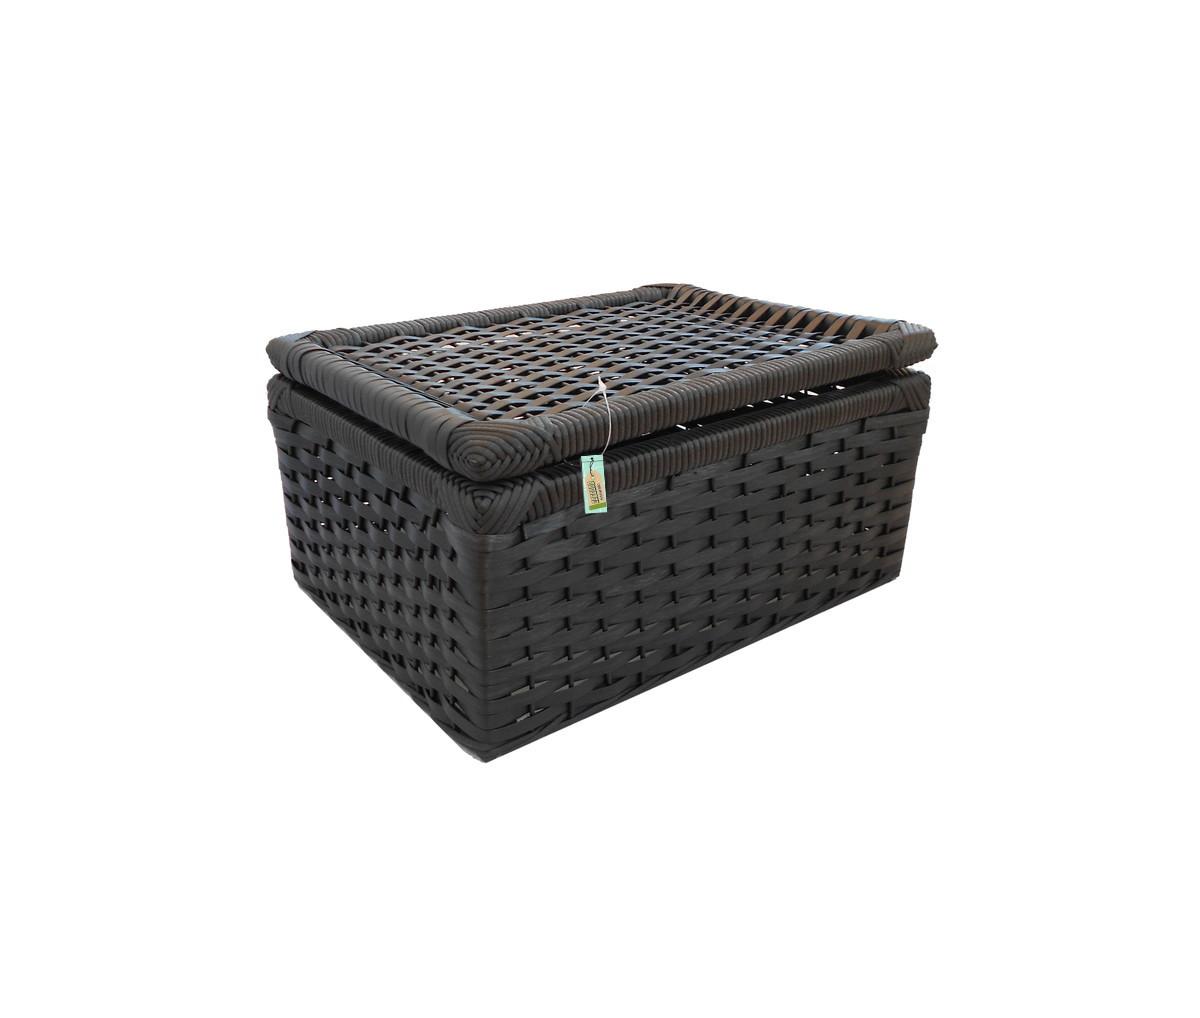 caixa fibra sintetica preta 40x30x20 artesanato caixa fibra sintetica  #866F45 1200x1018